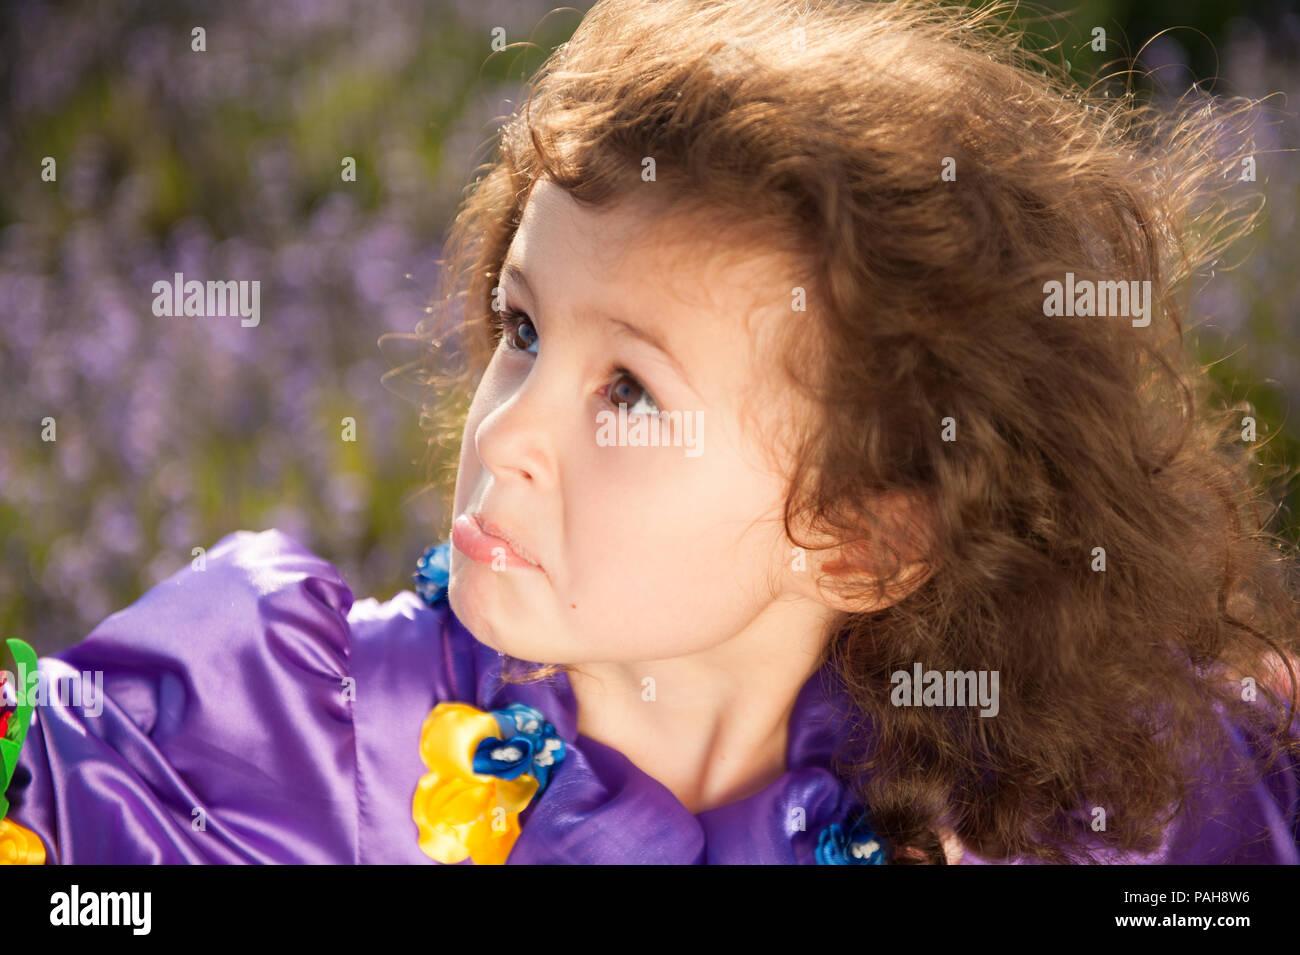 Cara graciosa mueca de linda chica con el pelo rizado en el exterior Imagen De Stock